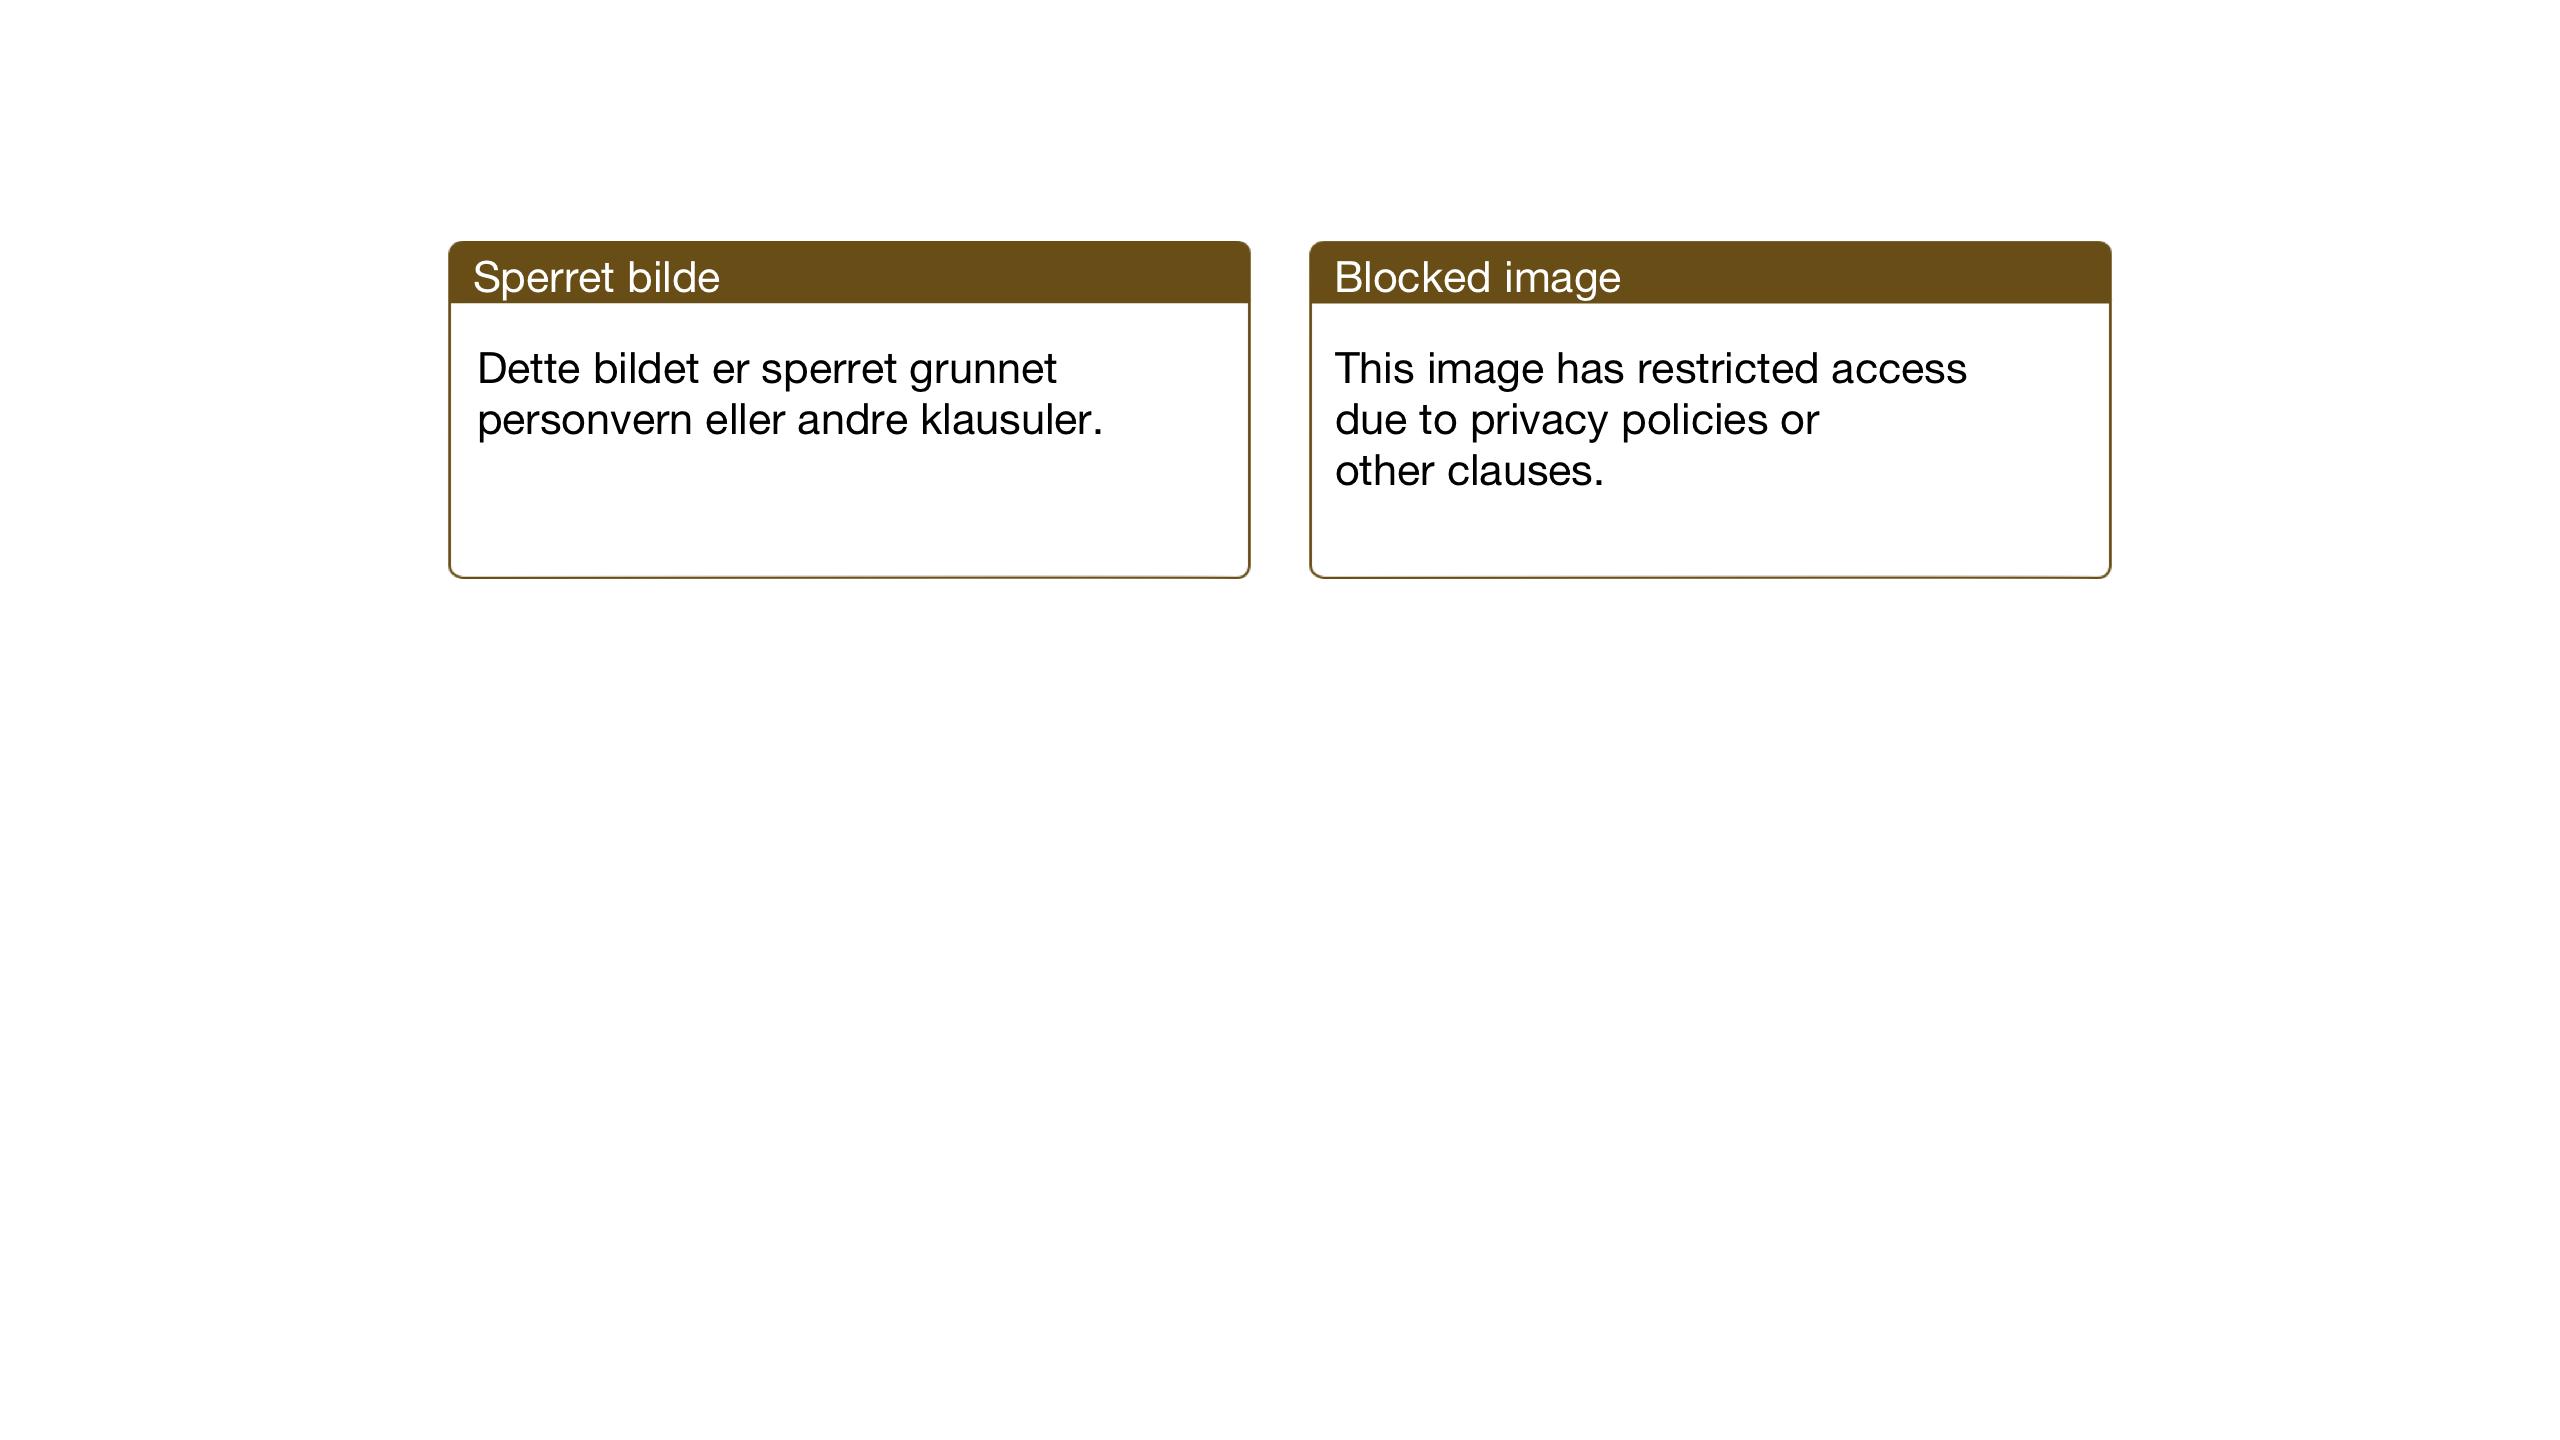 SAT, Ministerialprotokoller, klokkerbøker og fødselsregistre - Sør-Trøndelag, 652/L0654: Klokkerbok nr. 652C02, 1910-1937, s. 52